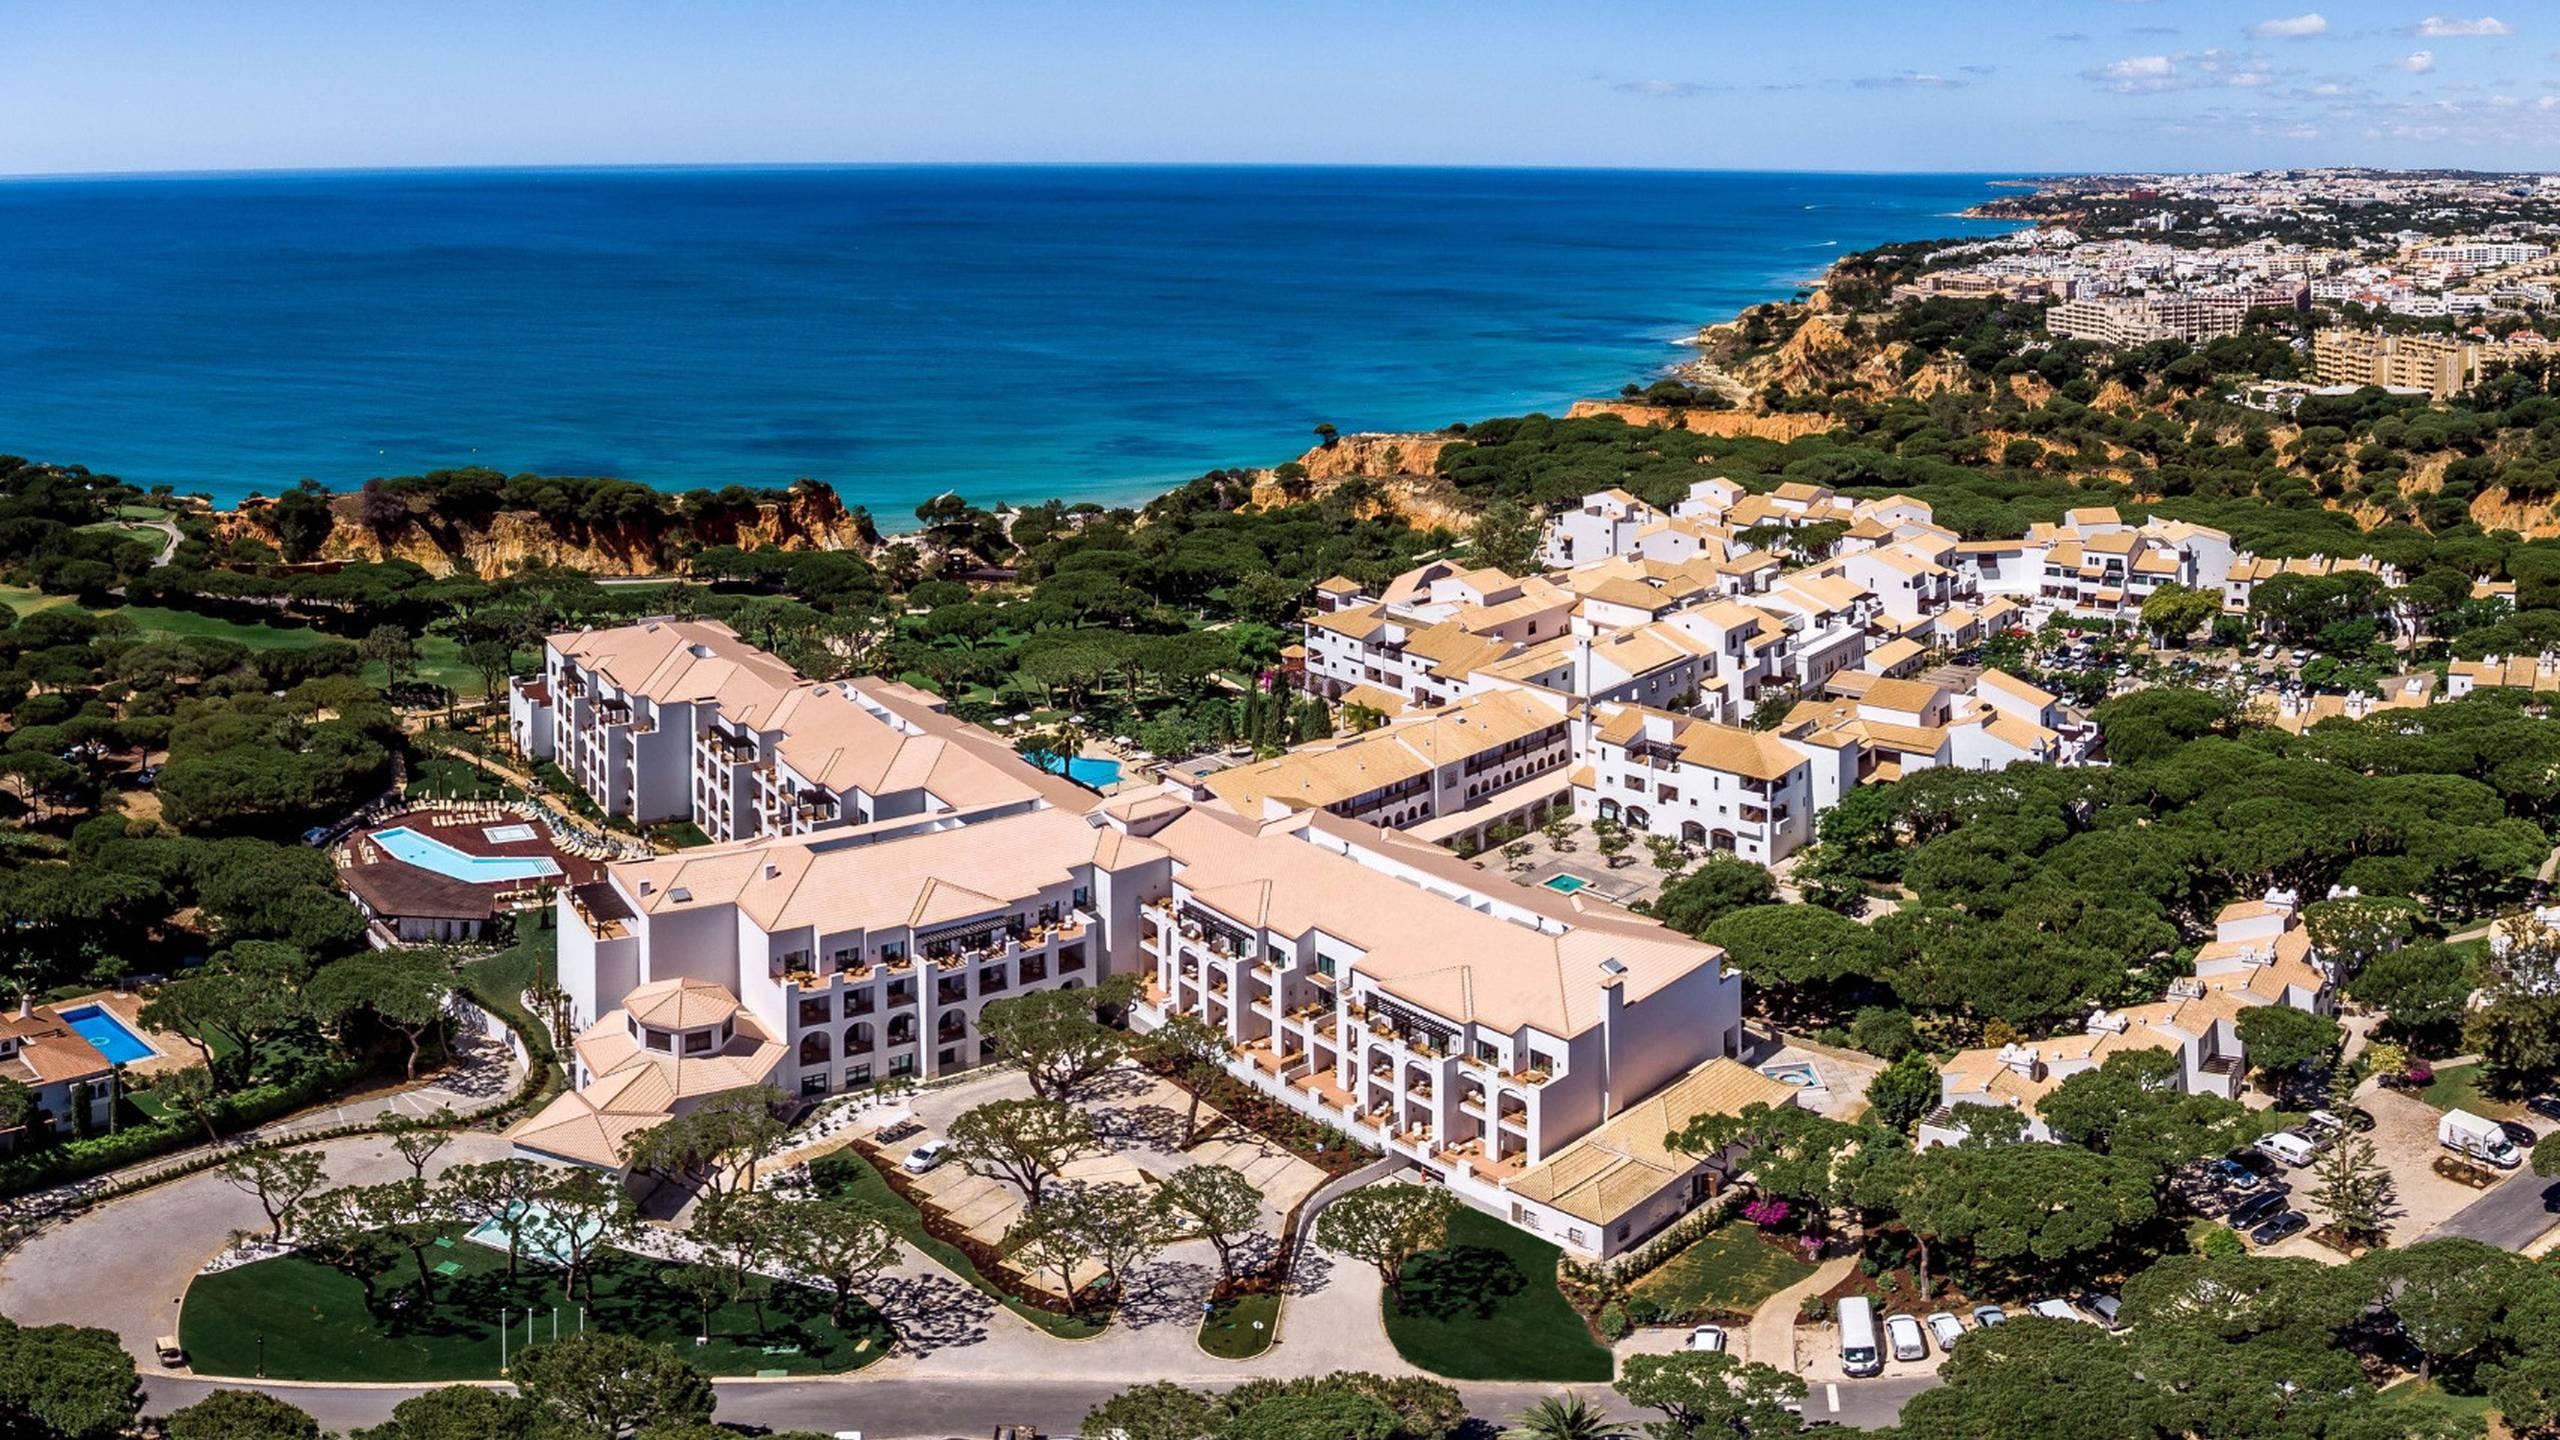 Αποτέλεσμα εικόνας για Portugal's Pine Cliffs Resort